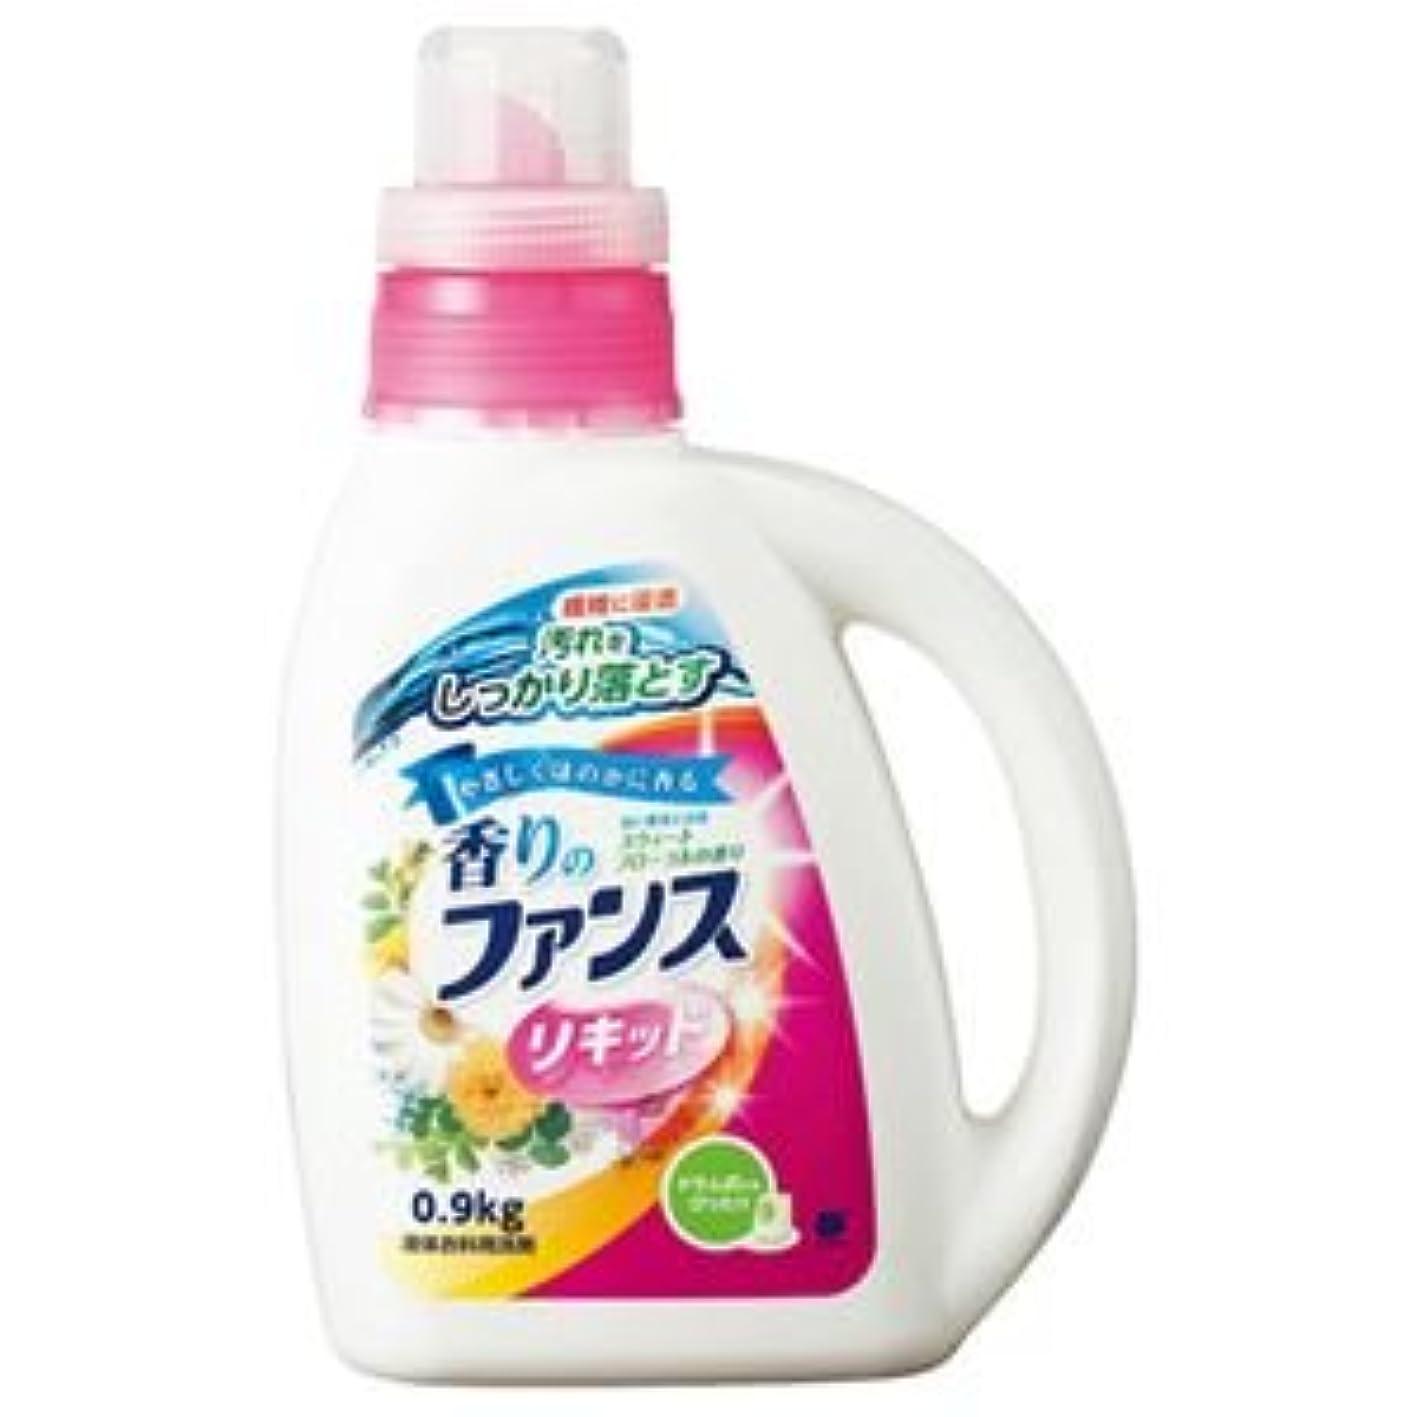 シングルホーンマトン(まとめ) 第一石鹸 香りのファンス 液体衣料用洗剤リキッド 本体 0.9kg 1本 【×10セット】